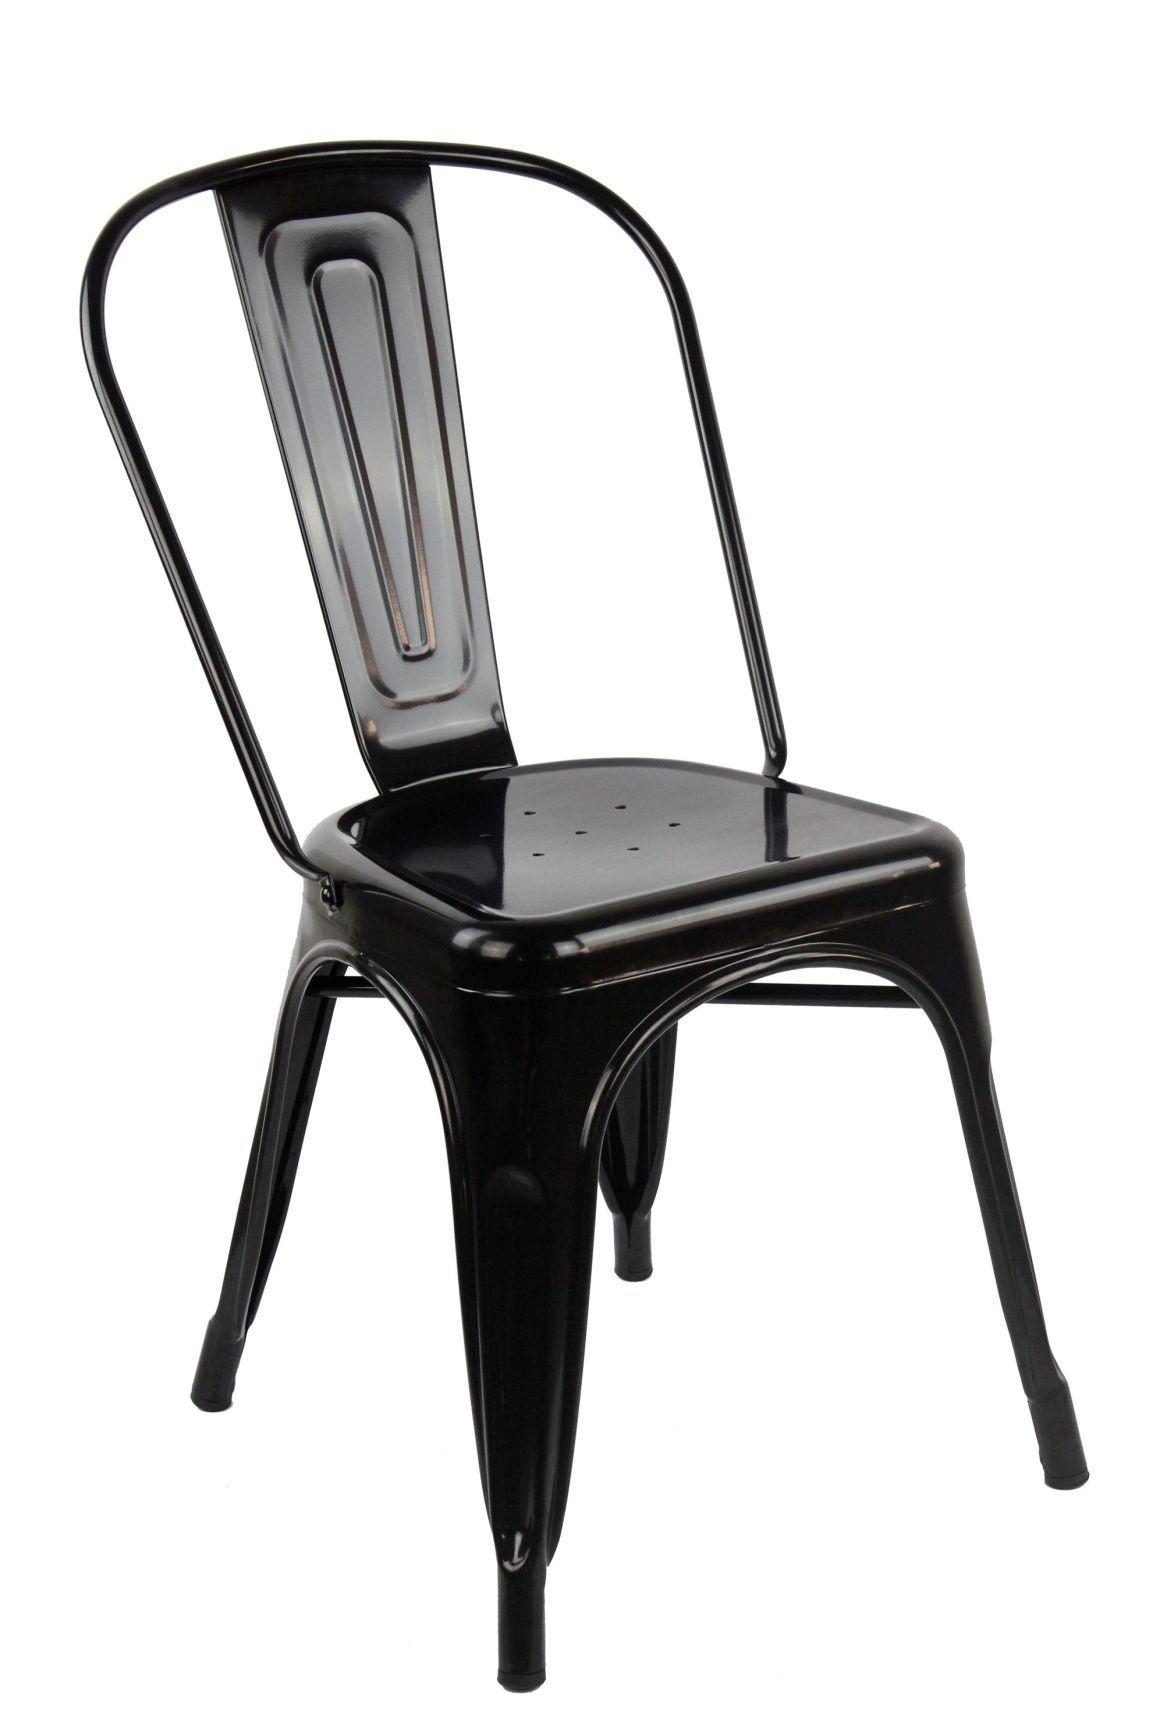 Sedia in acciaio CHAISE A, Tolix replica - Arredinitaly